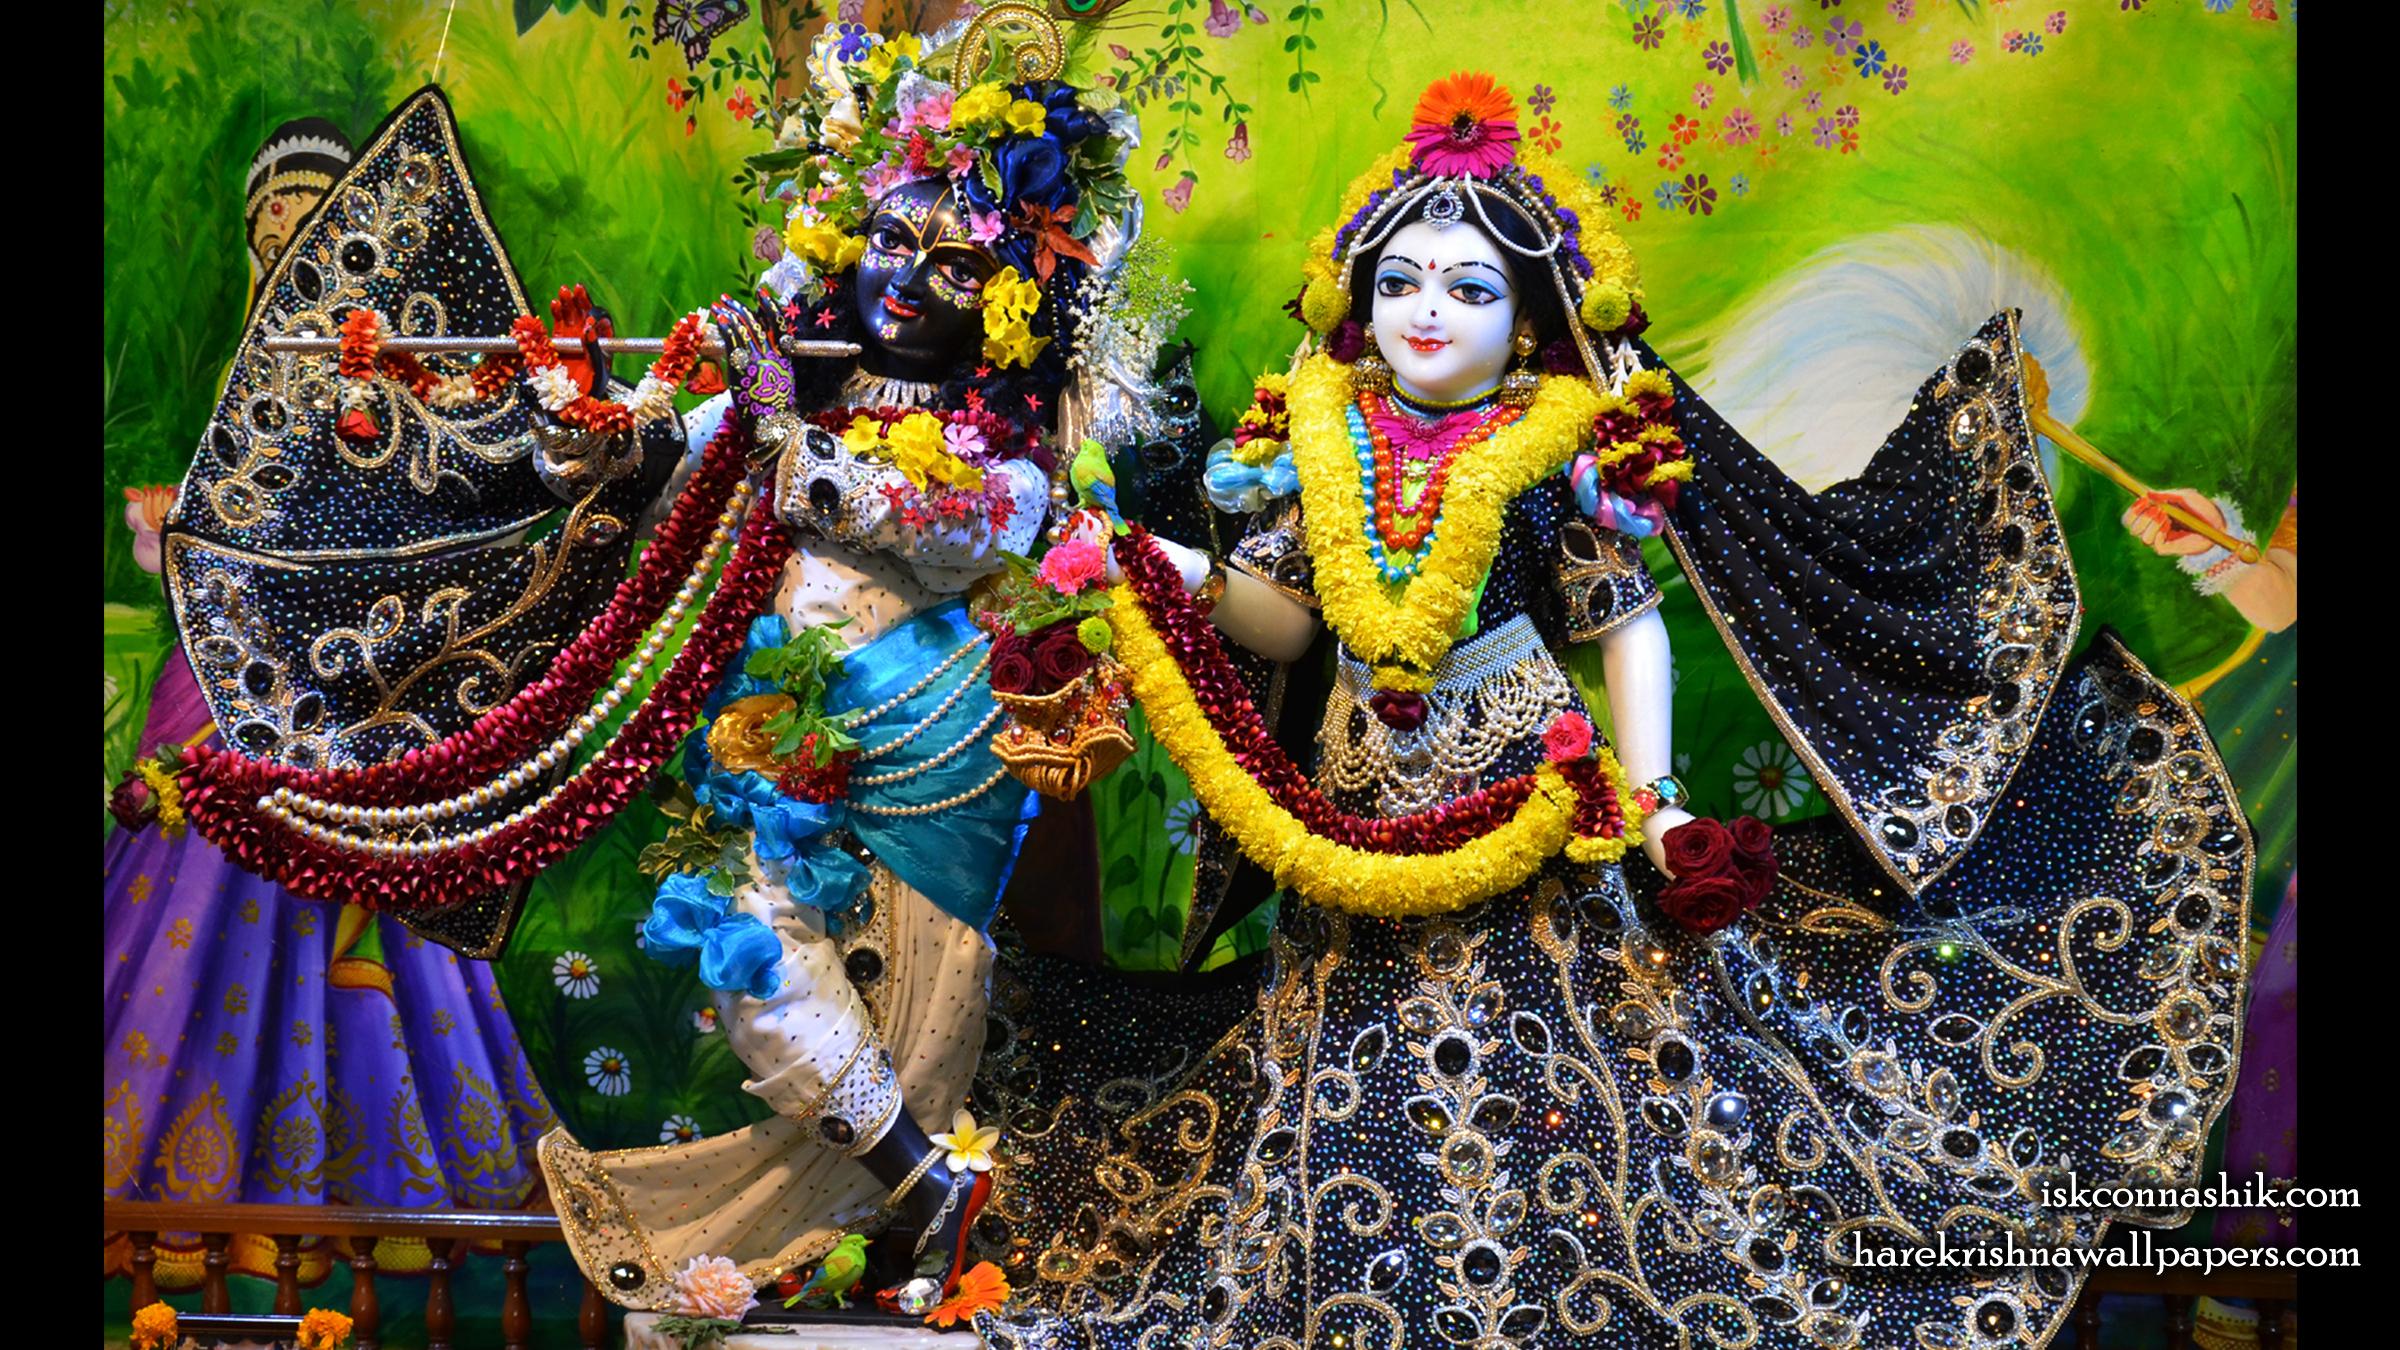 Sri Sri Radha Madan Gopal Wallpaper (019) Size 2400x1350 Download